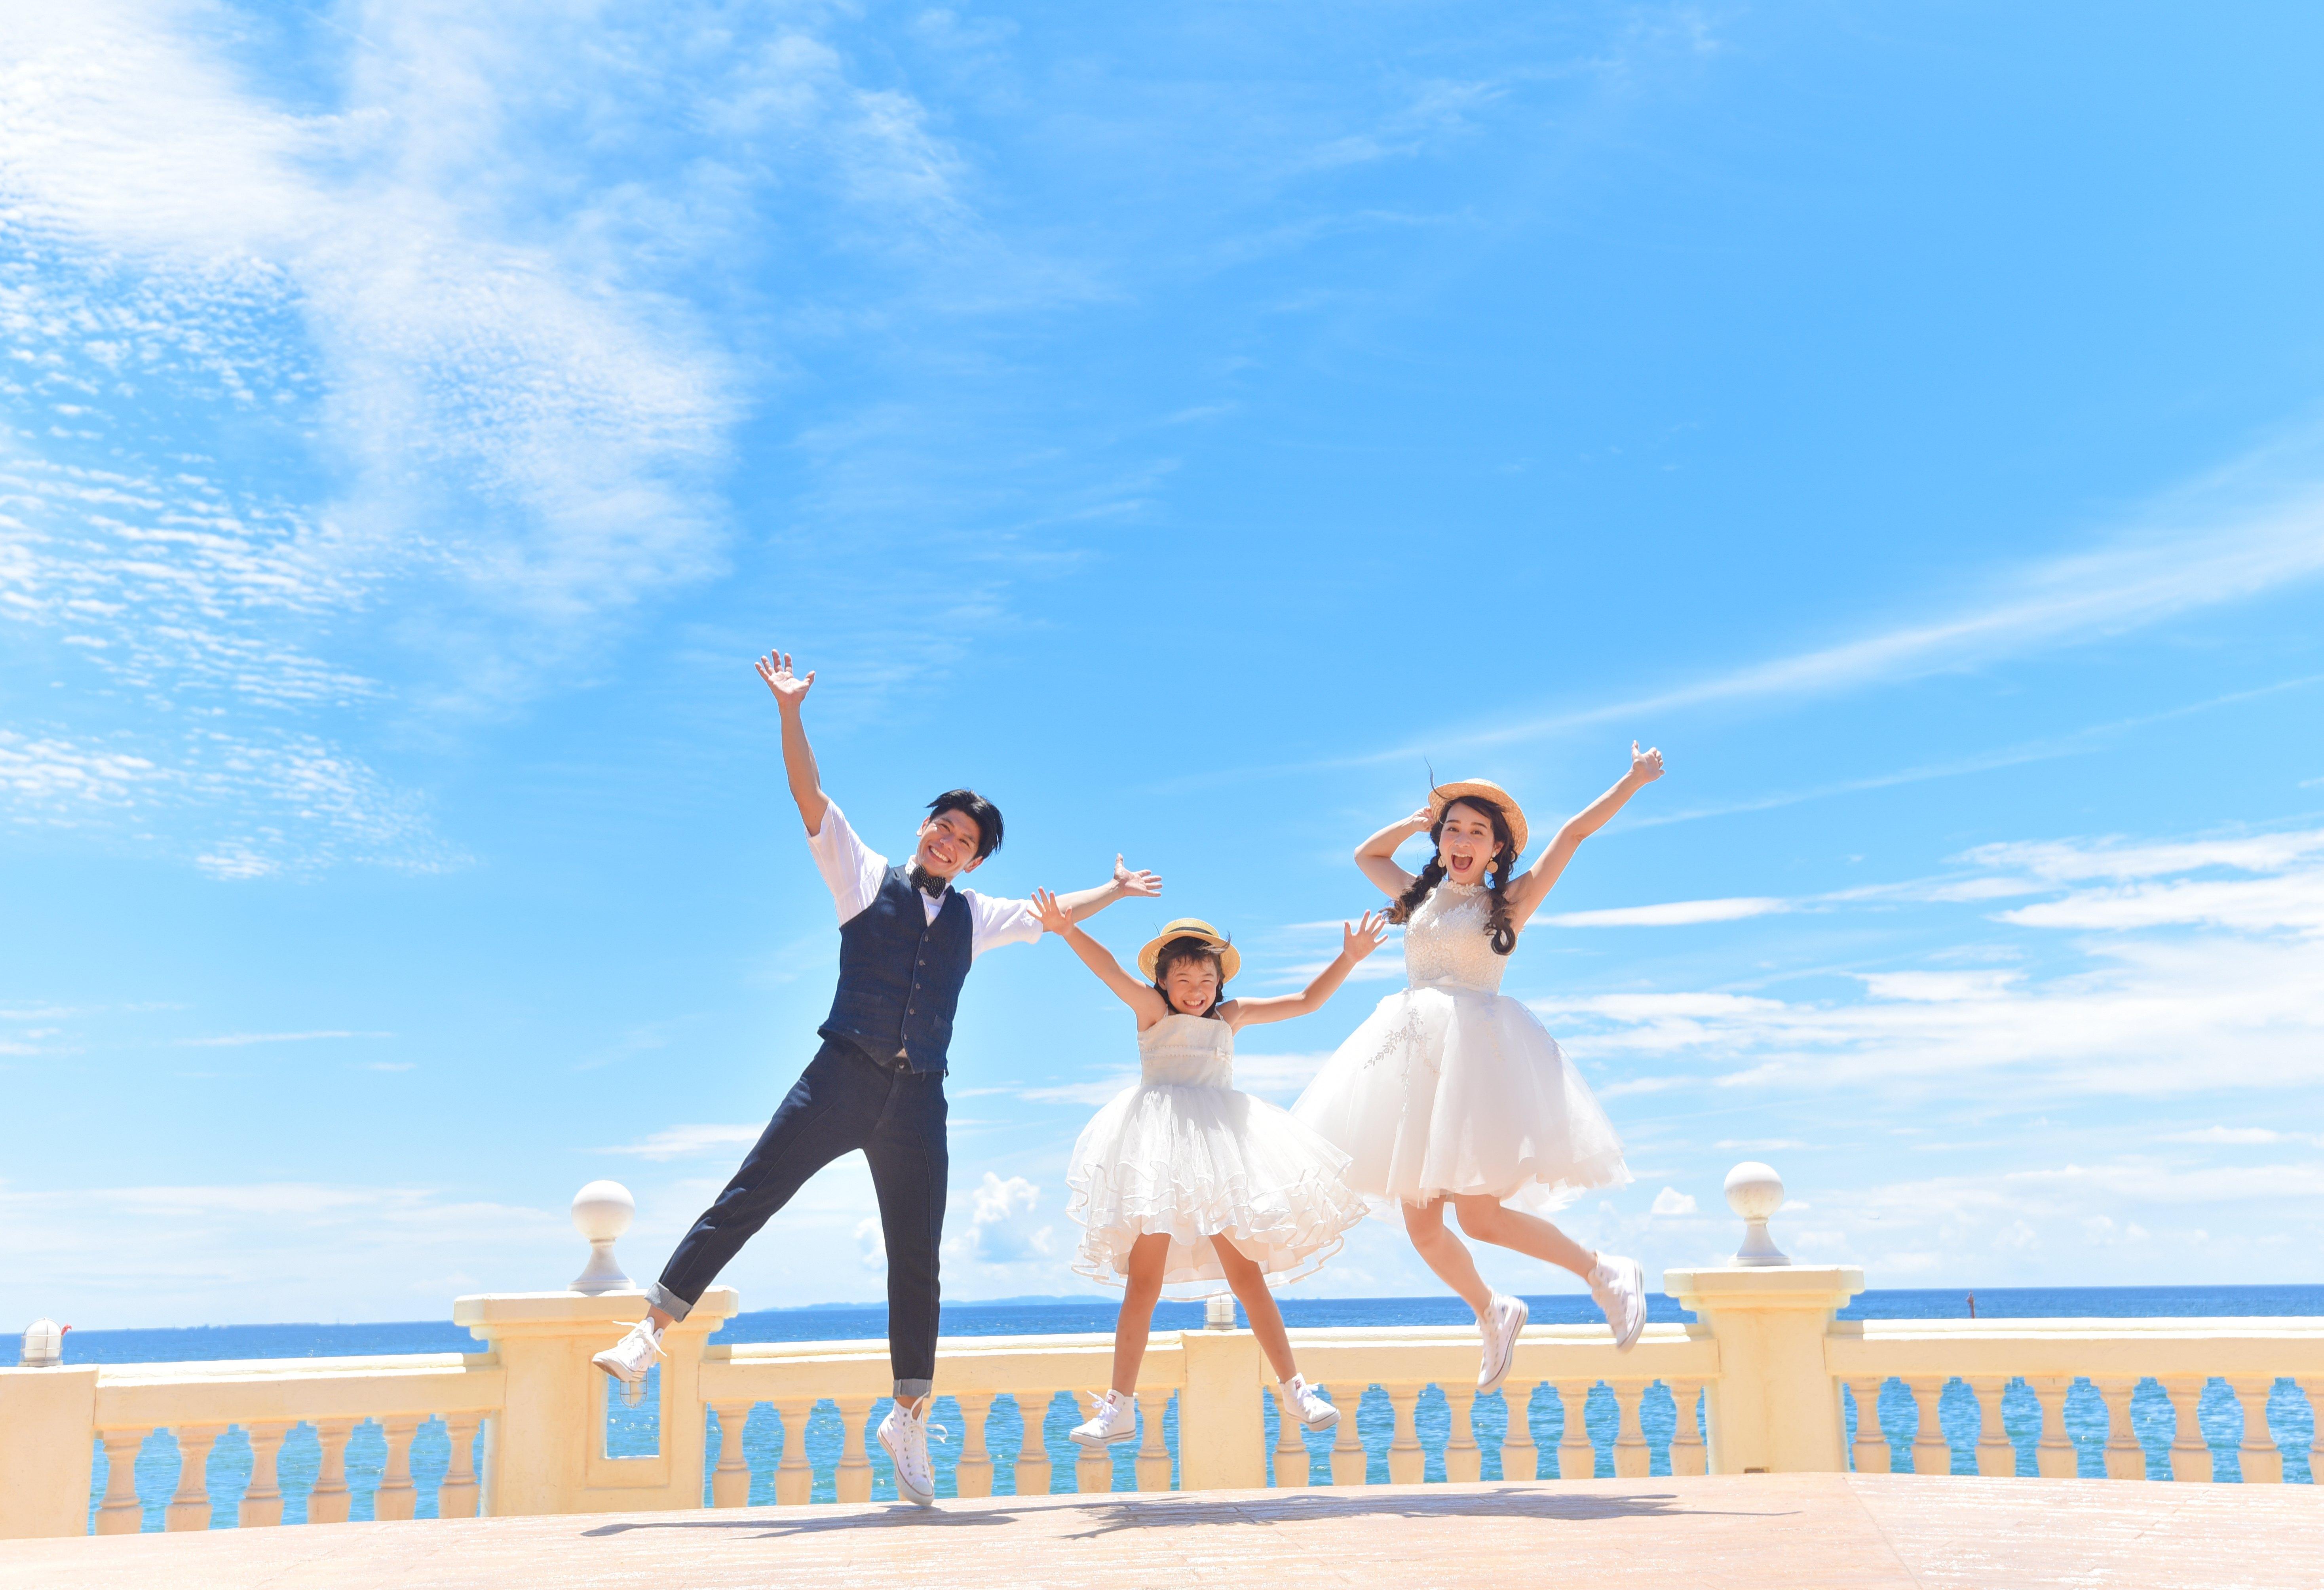 【ドレス】サンセット デポアイランド&アラハビーチプランイメージ5